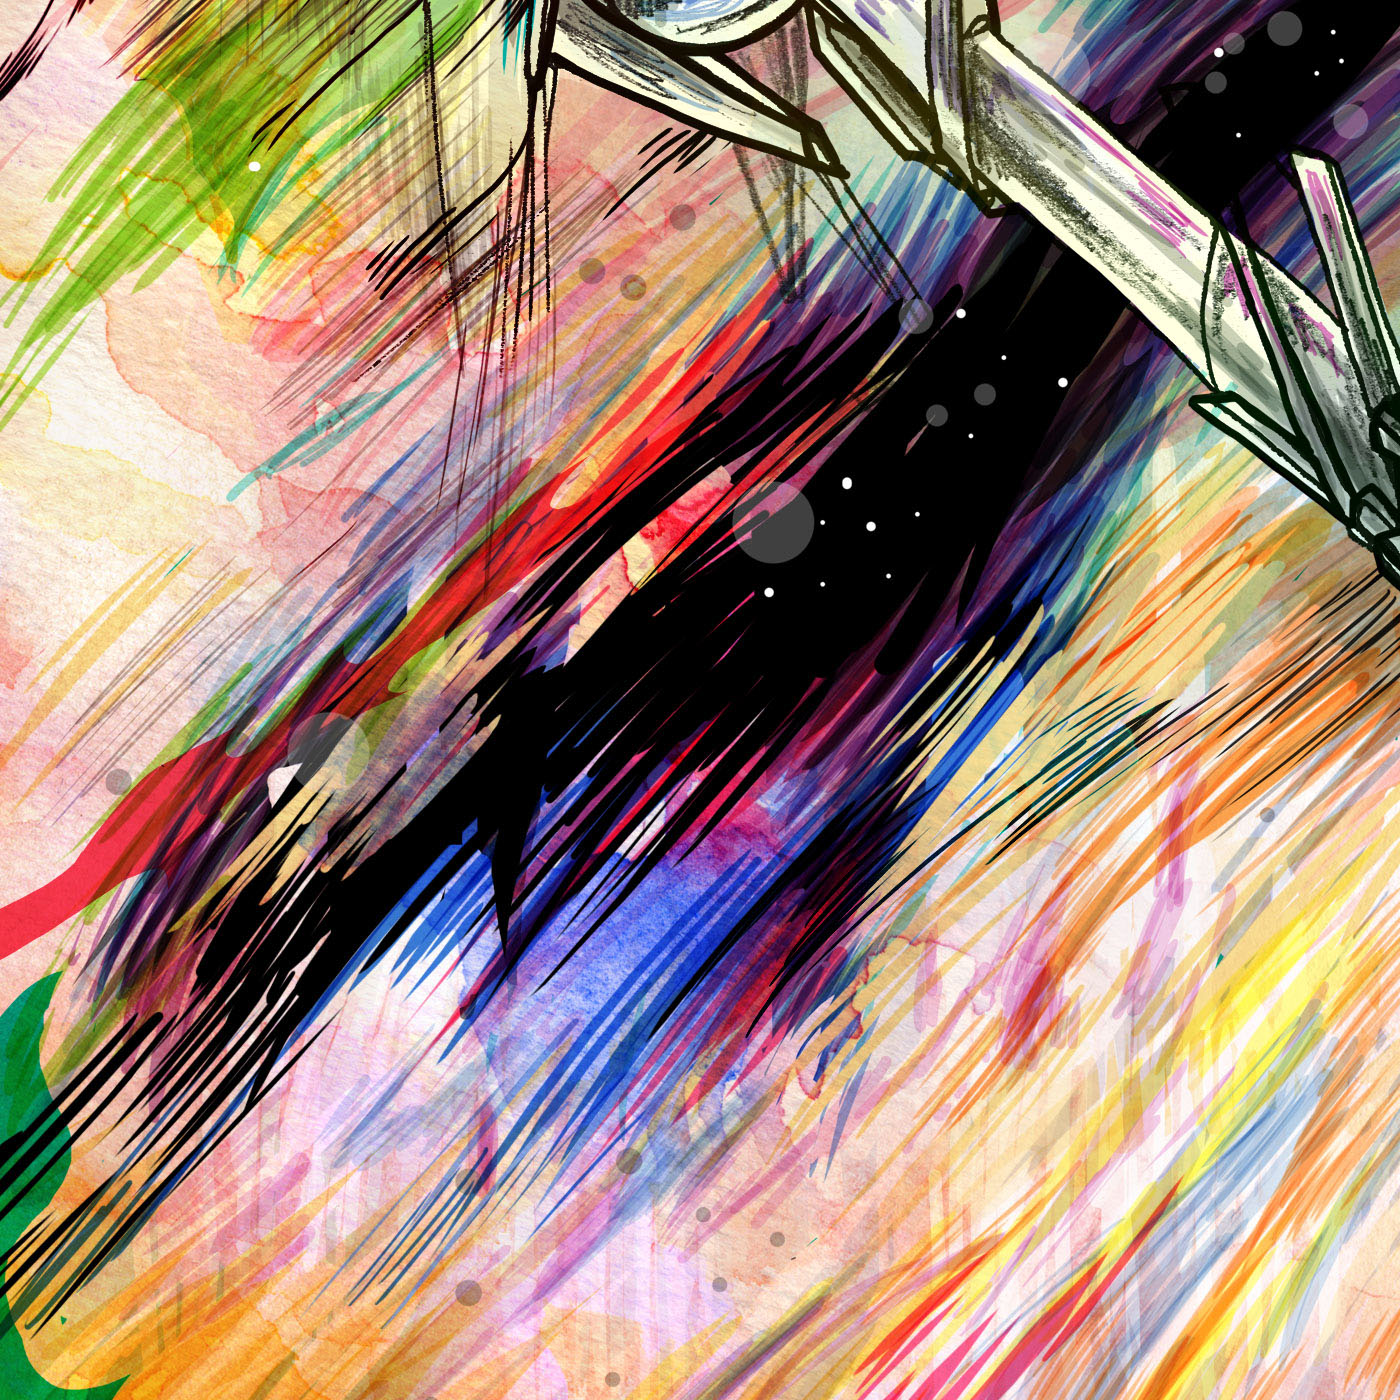 portrait draw sketch sketching lovetherobot robot Space  Scifi colors colour pencil graphite